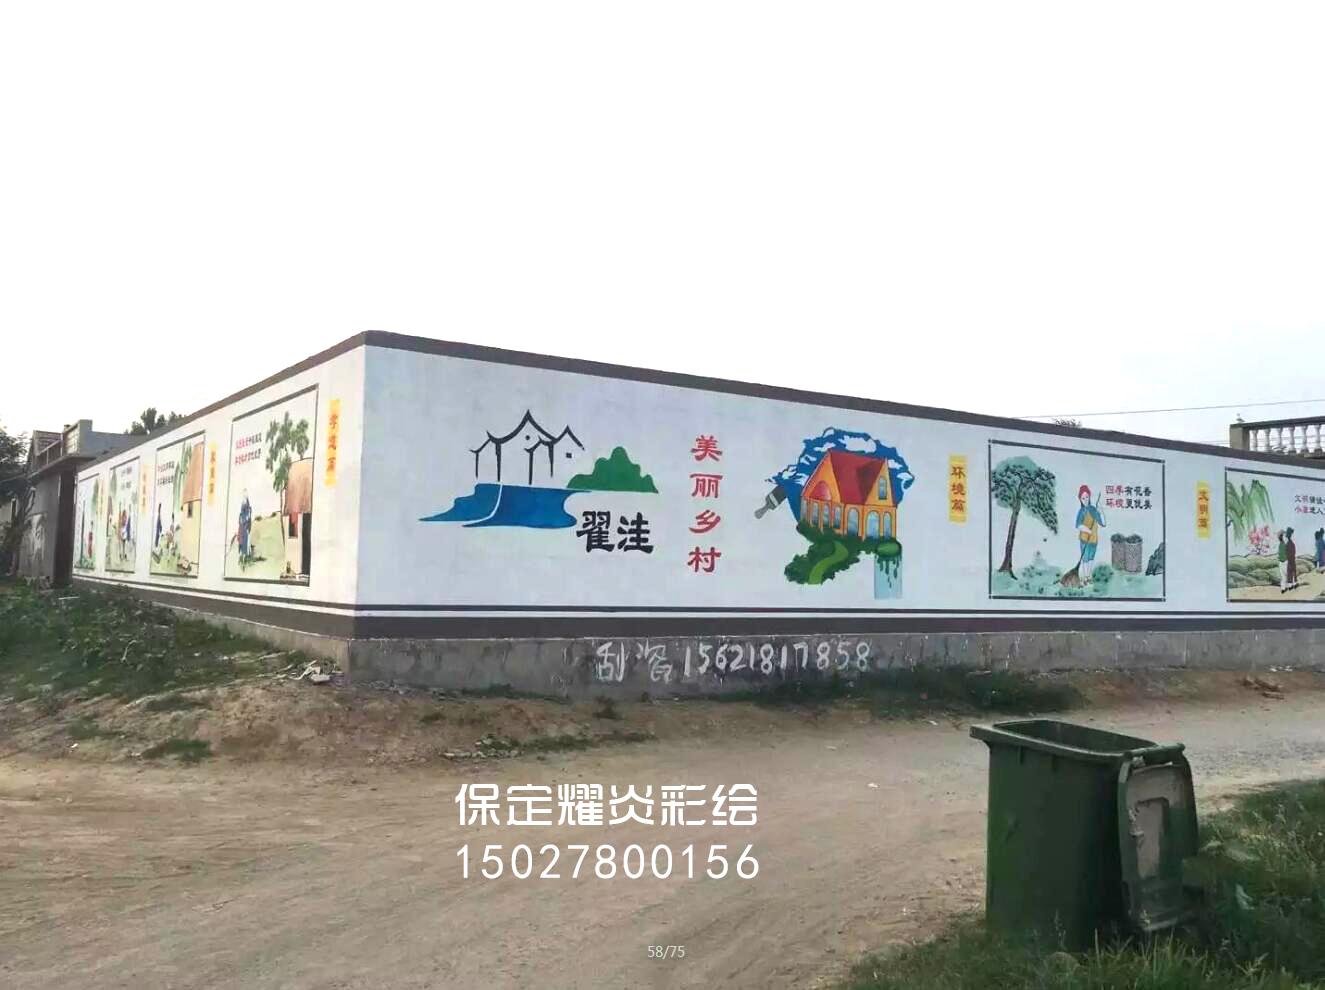 保定手绘彩绘壁画绘画,保定幼儿园墙体彩绘手绘壁画绘画,农村文化墙